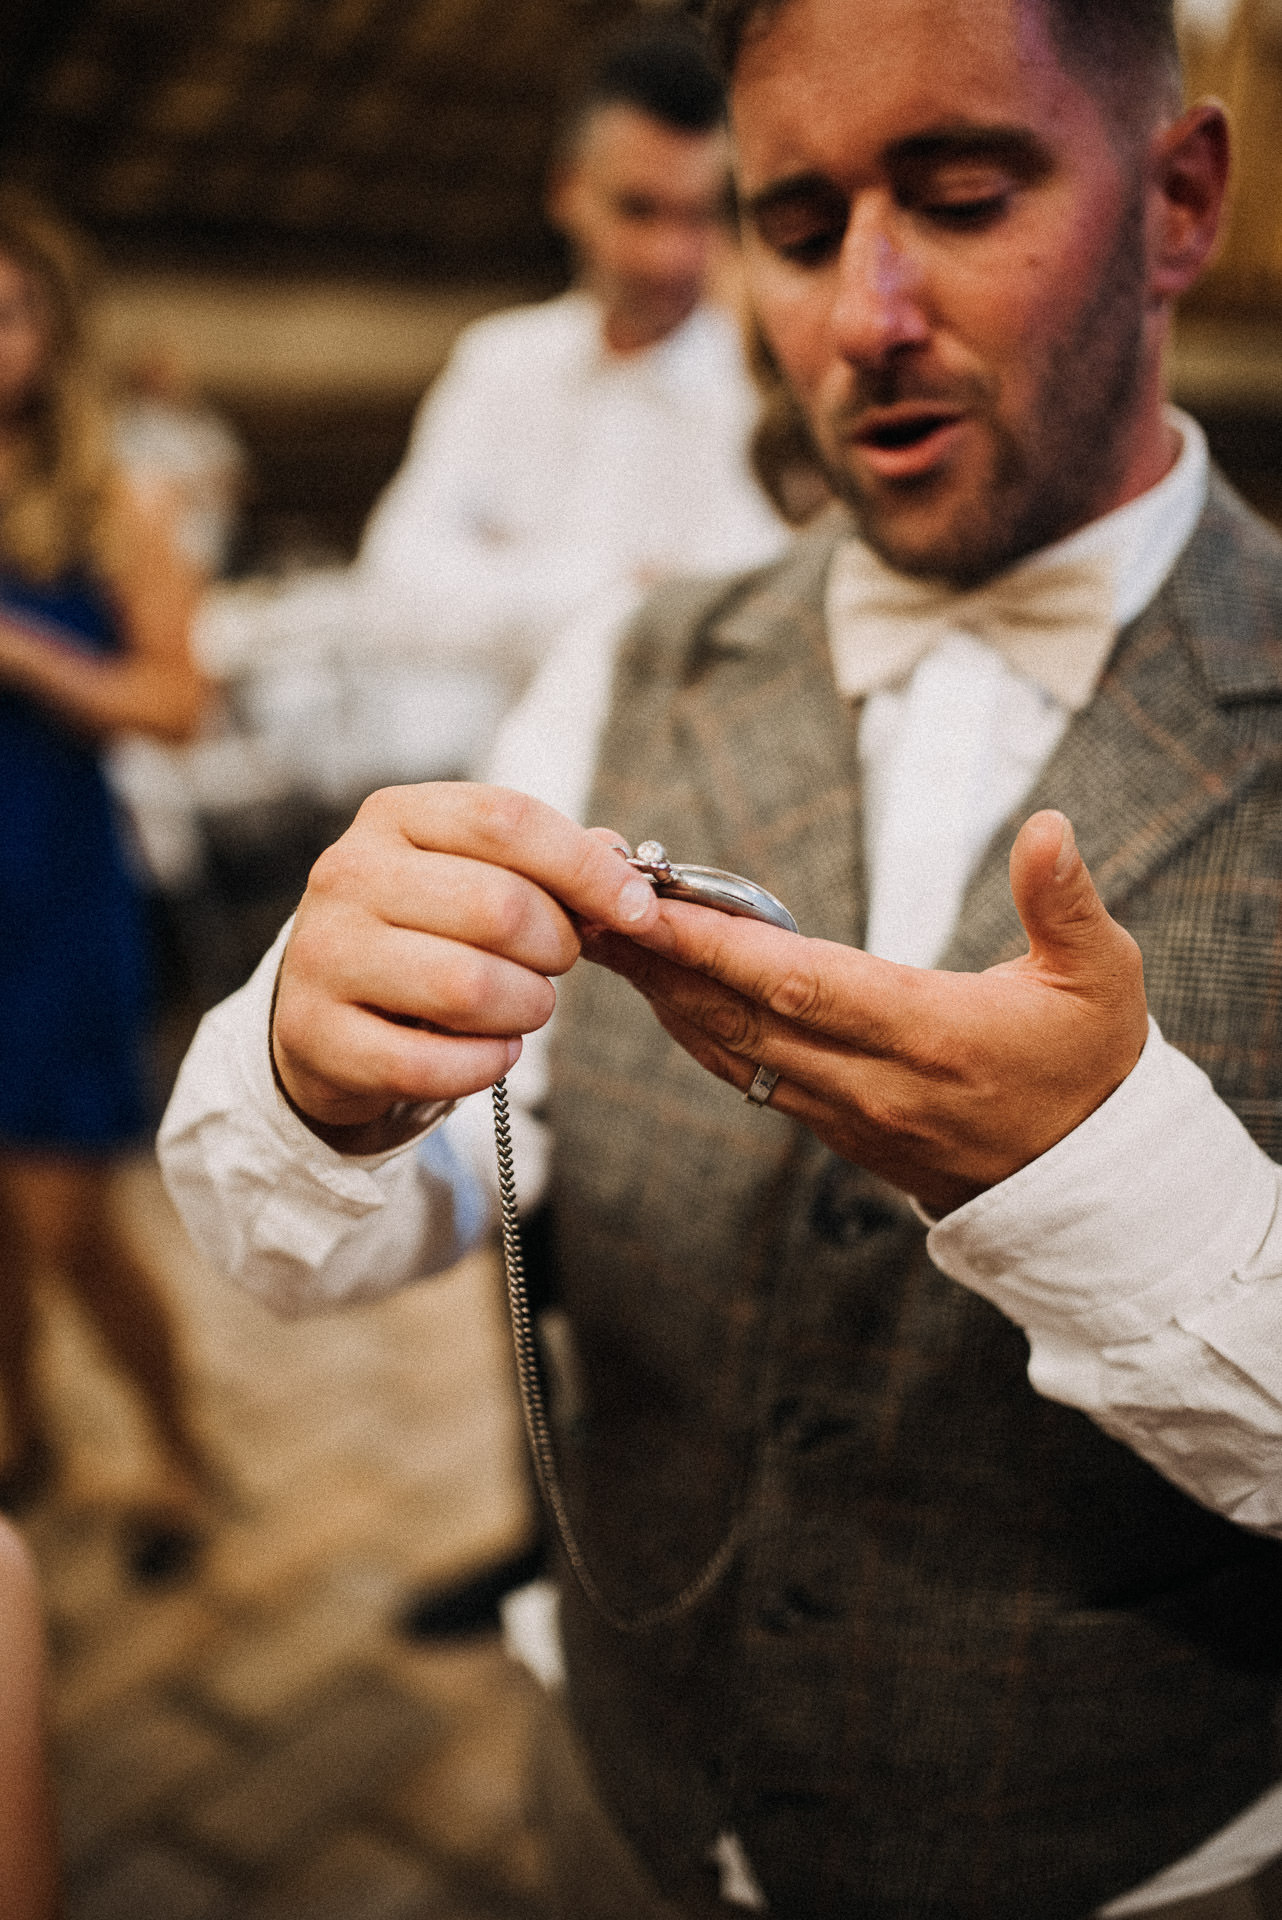 zseb ora volegeny pocket watch groom